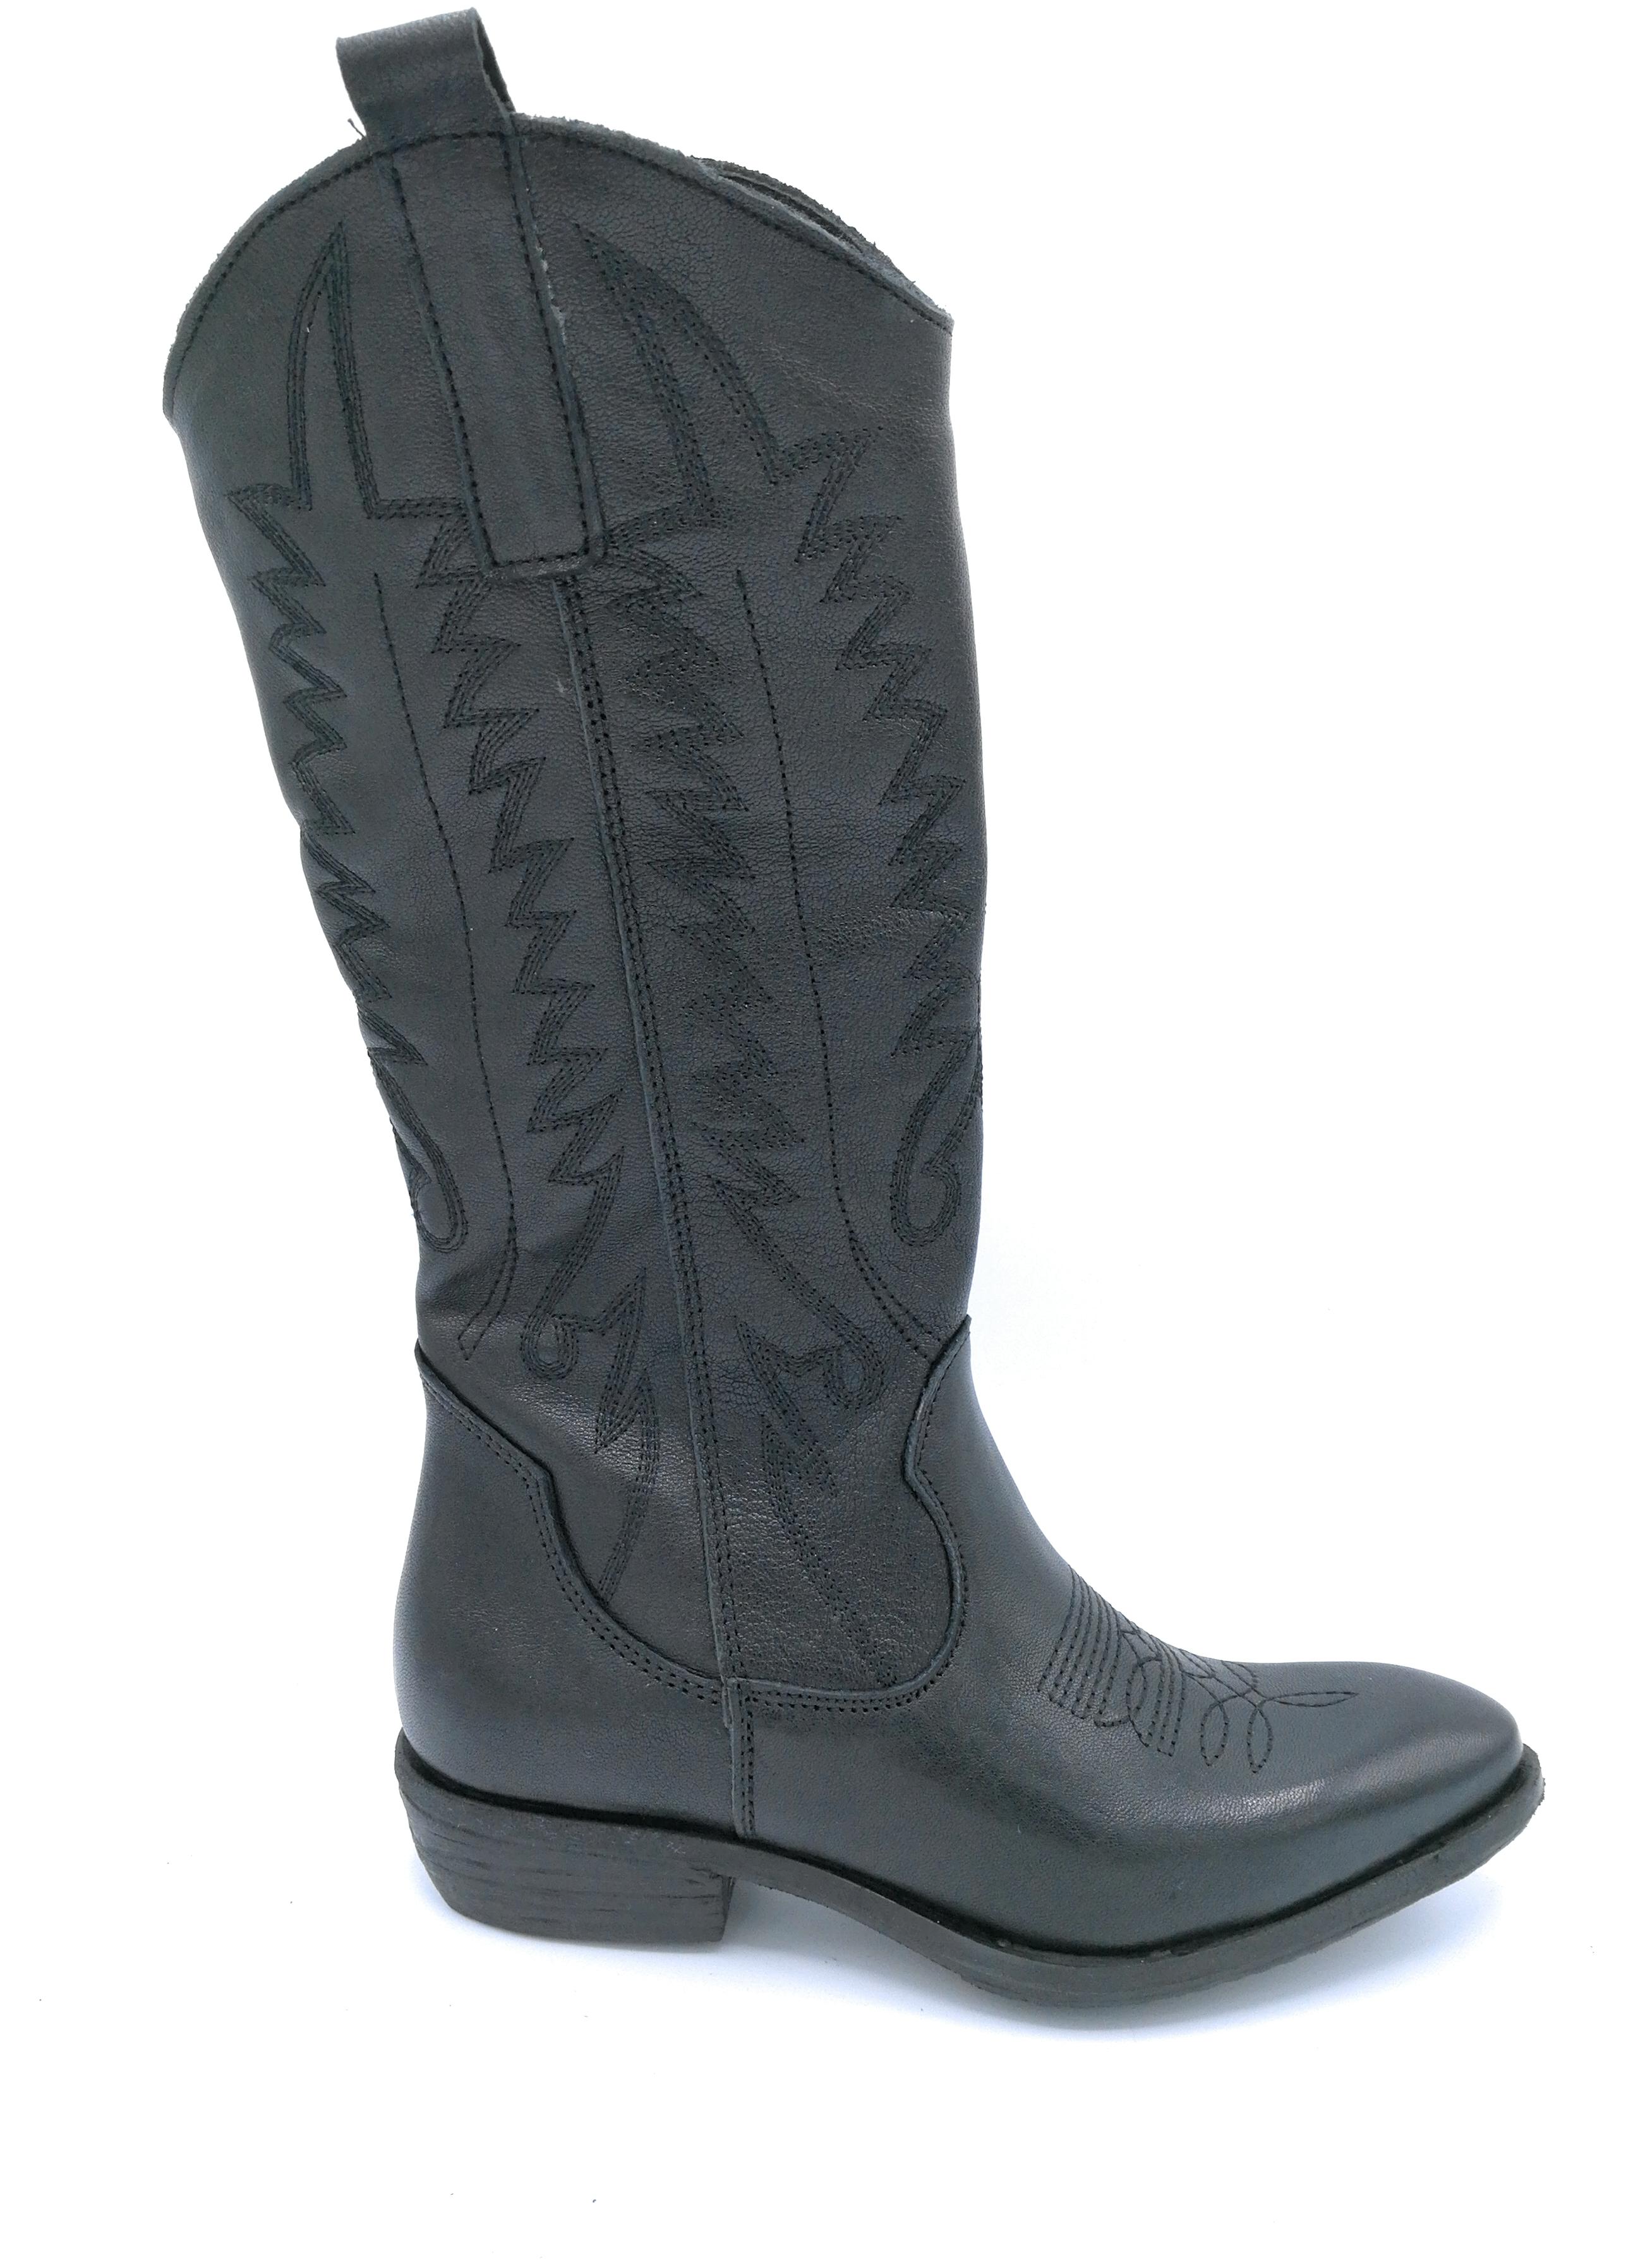 Ovye MS 77R Stiefel schwarzes schwarzes schwarzes Leder Stickerei und Reißverschluss 0aed87